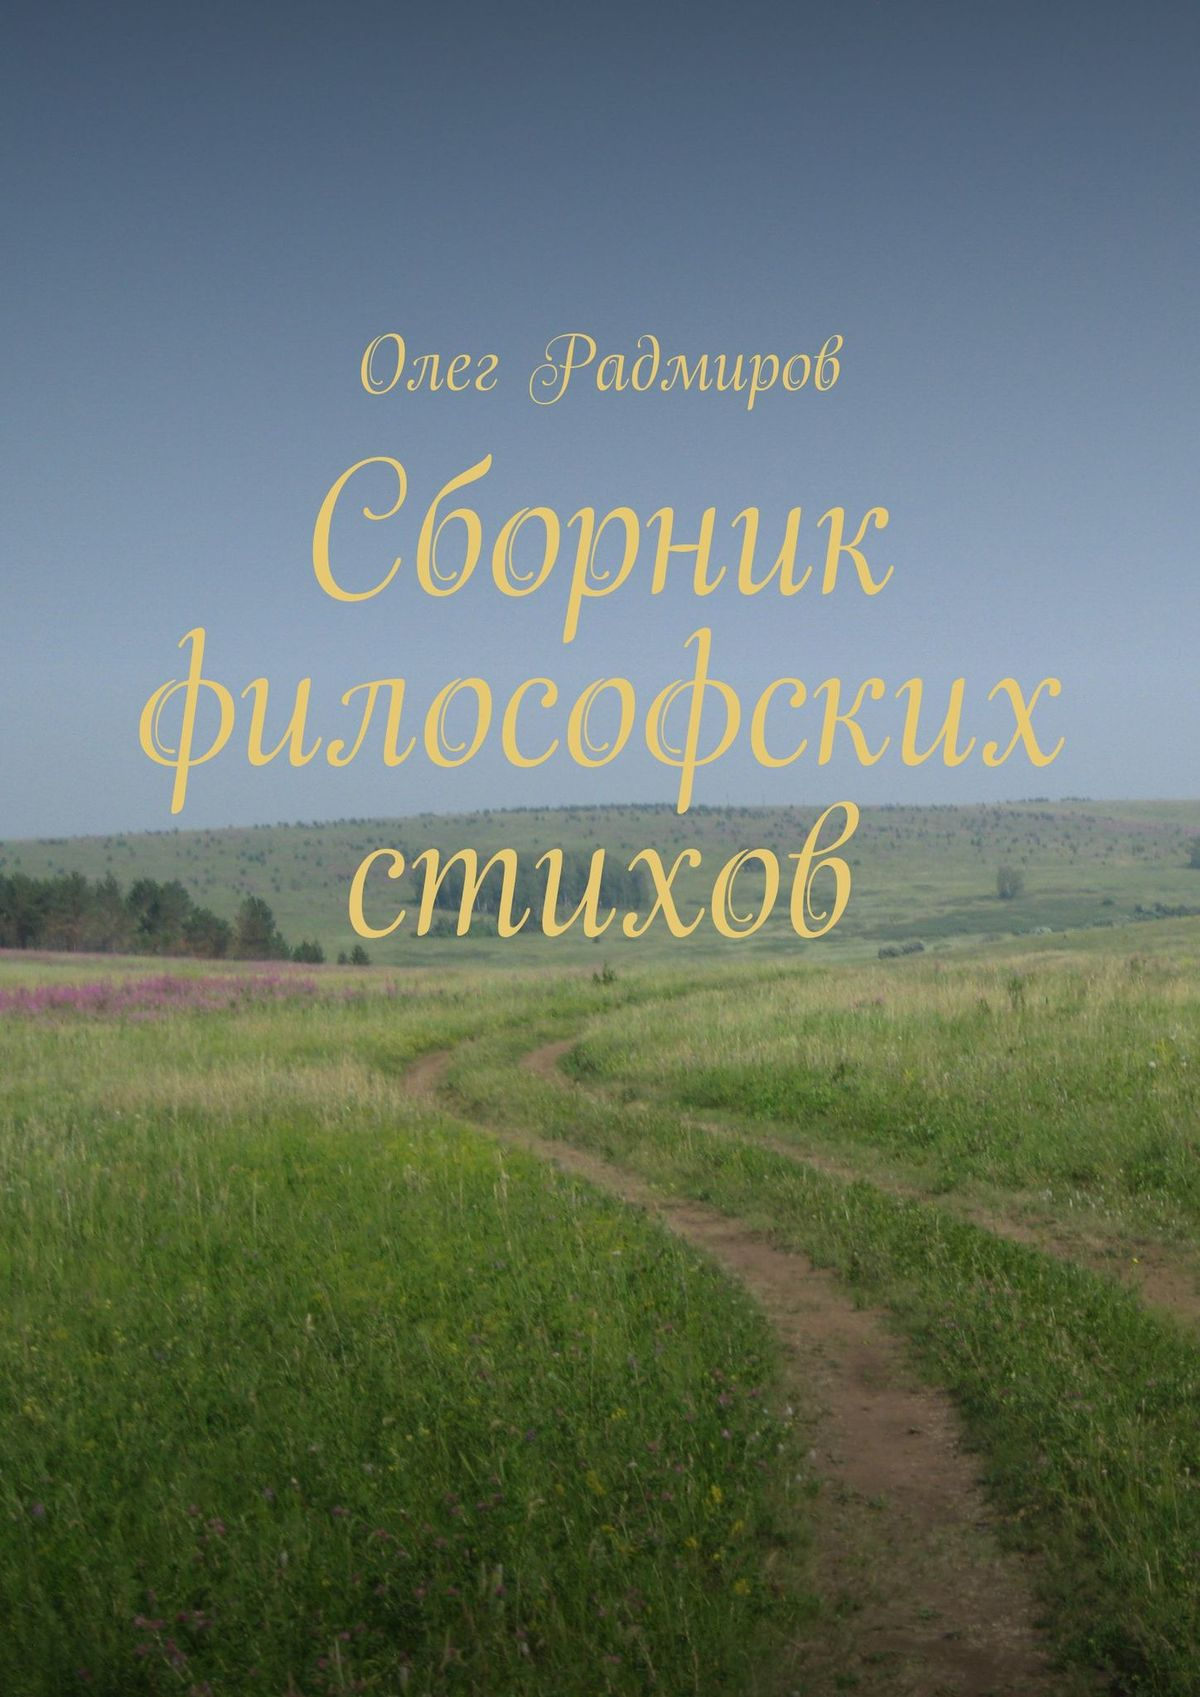 Олег Радмиров Сборник философских стихов цена и фото